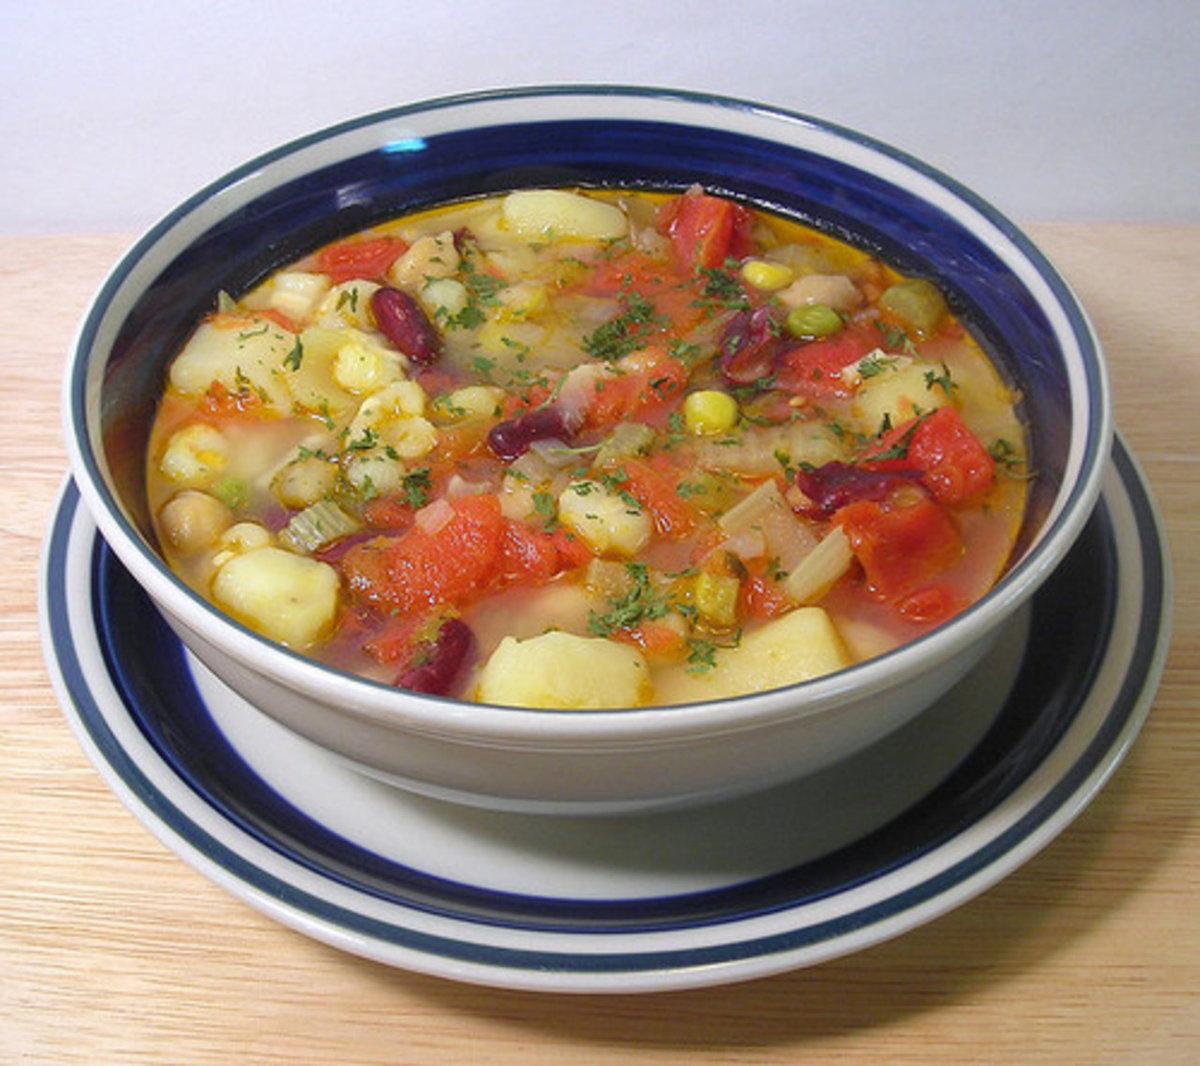 люди овощной суп без мяса рецепт с фото кликаем второму